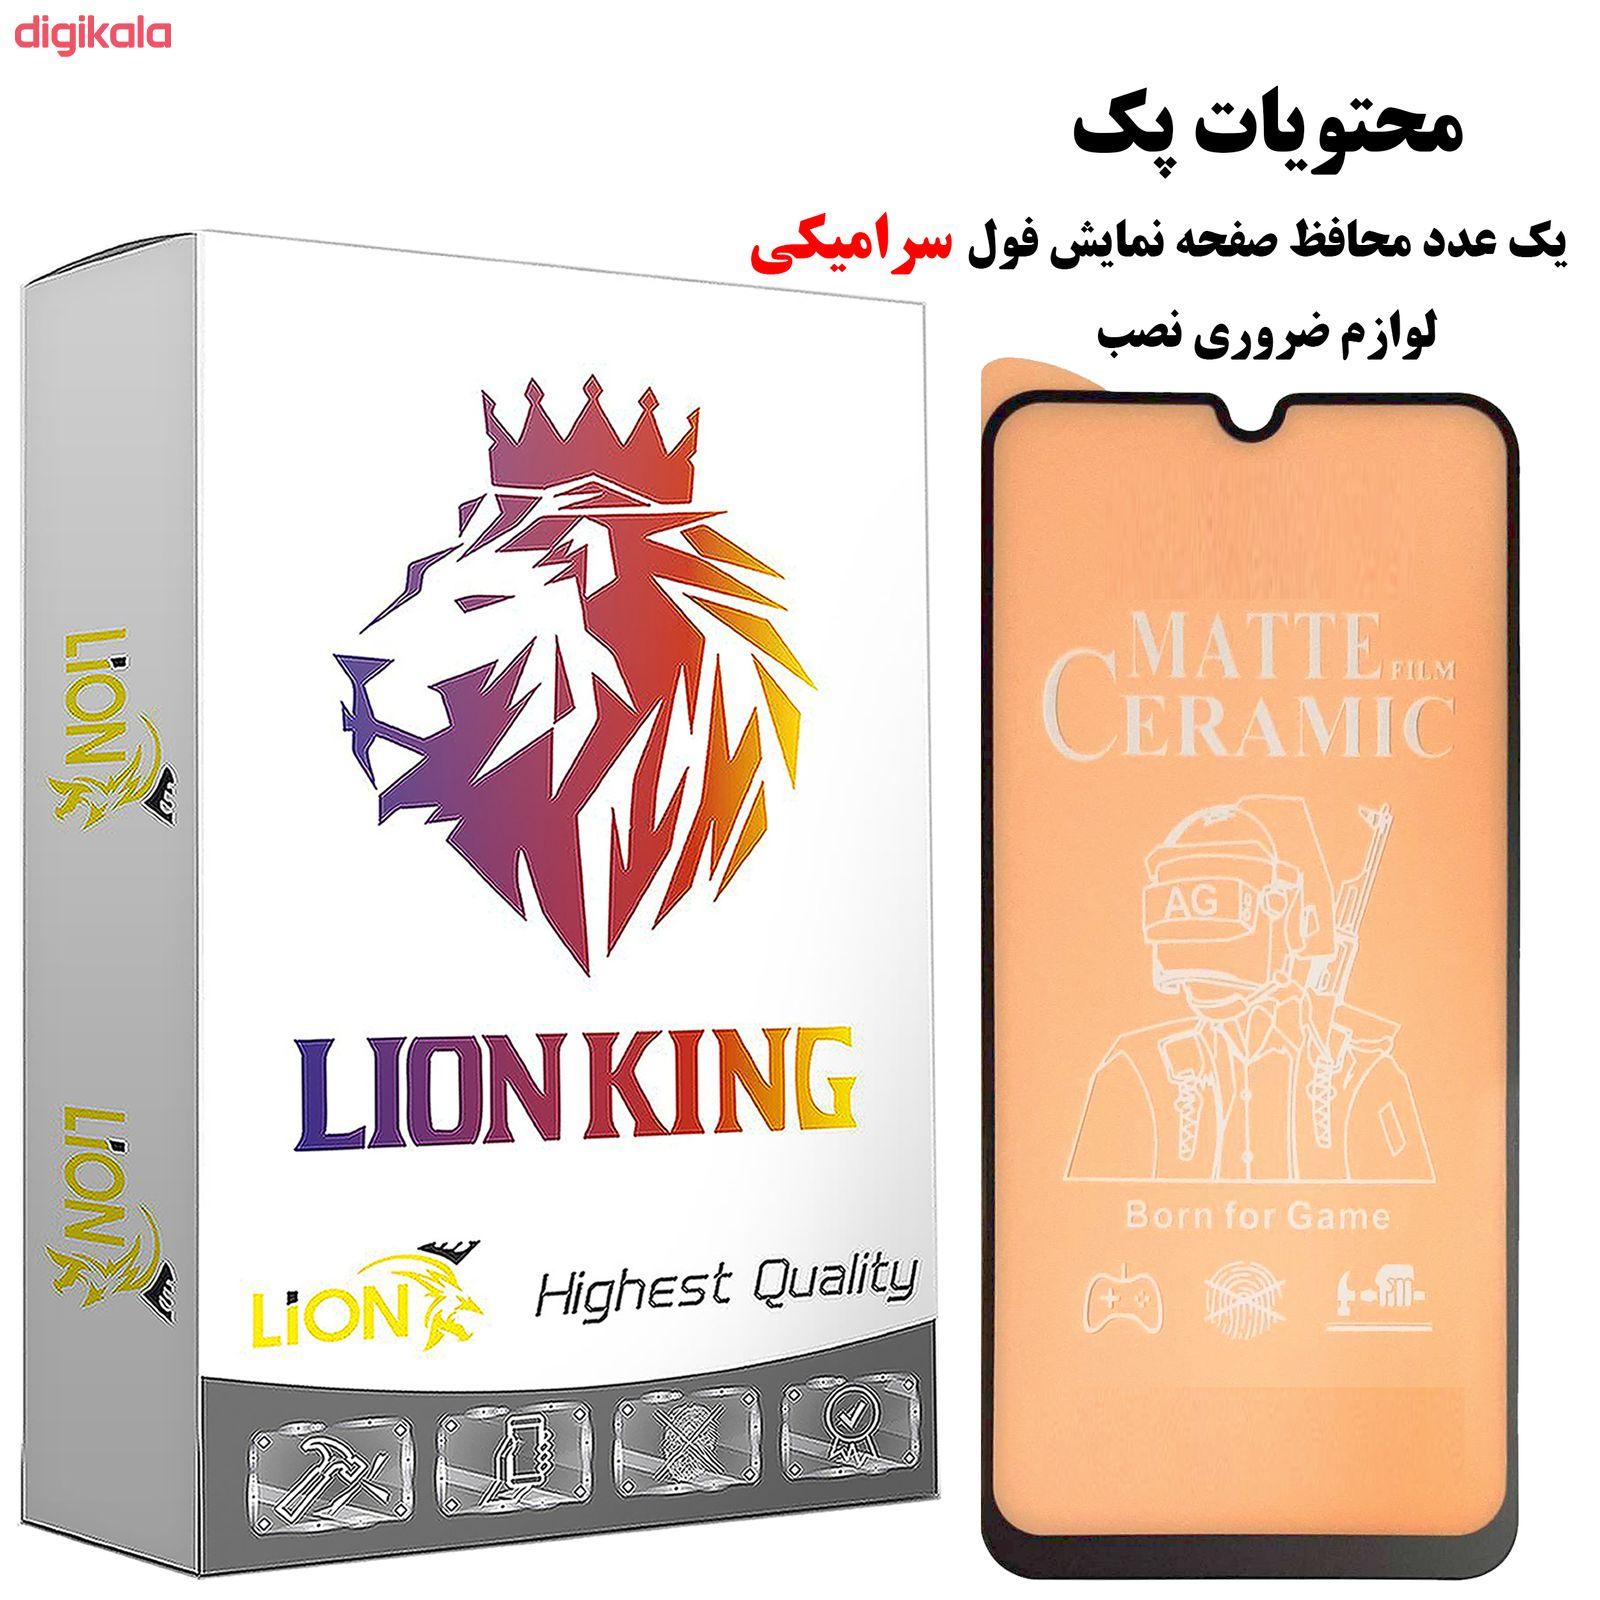 محافظ صفحه نمایش مات لاین کینگ مدل LKFCM مناسب برای گوشی موبایل سامسونگ Galaxy A50/ A30S/ A50S main 1 1